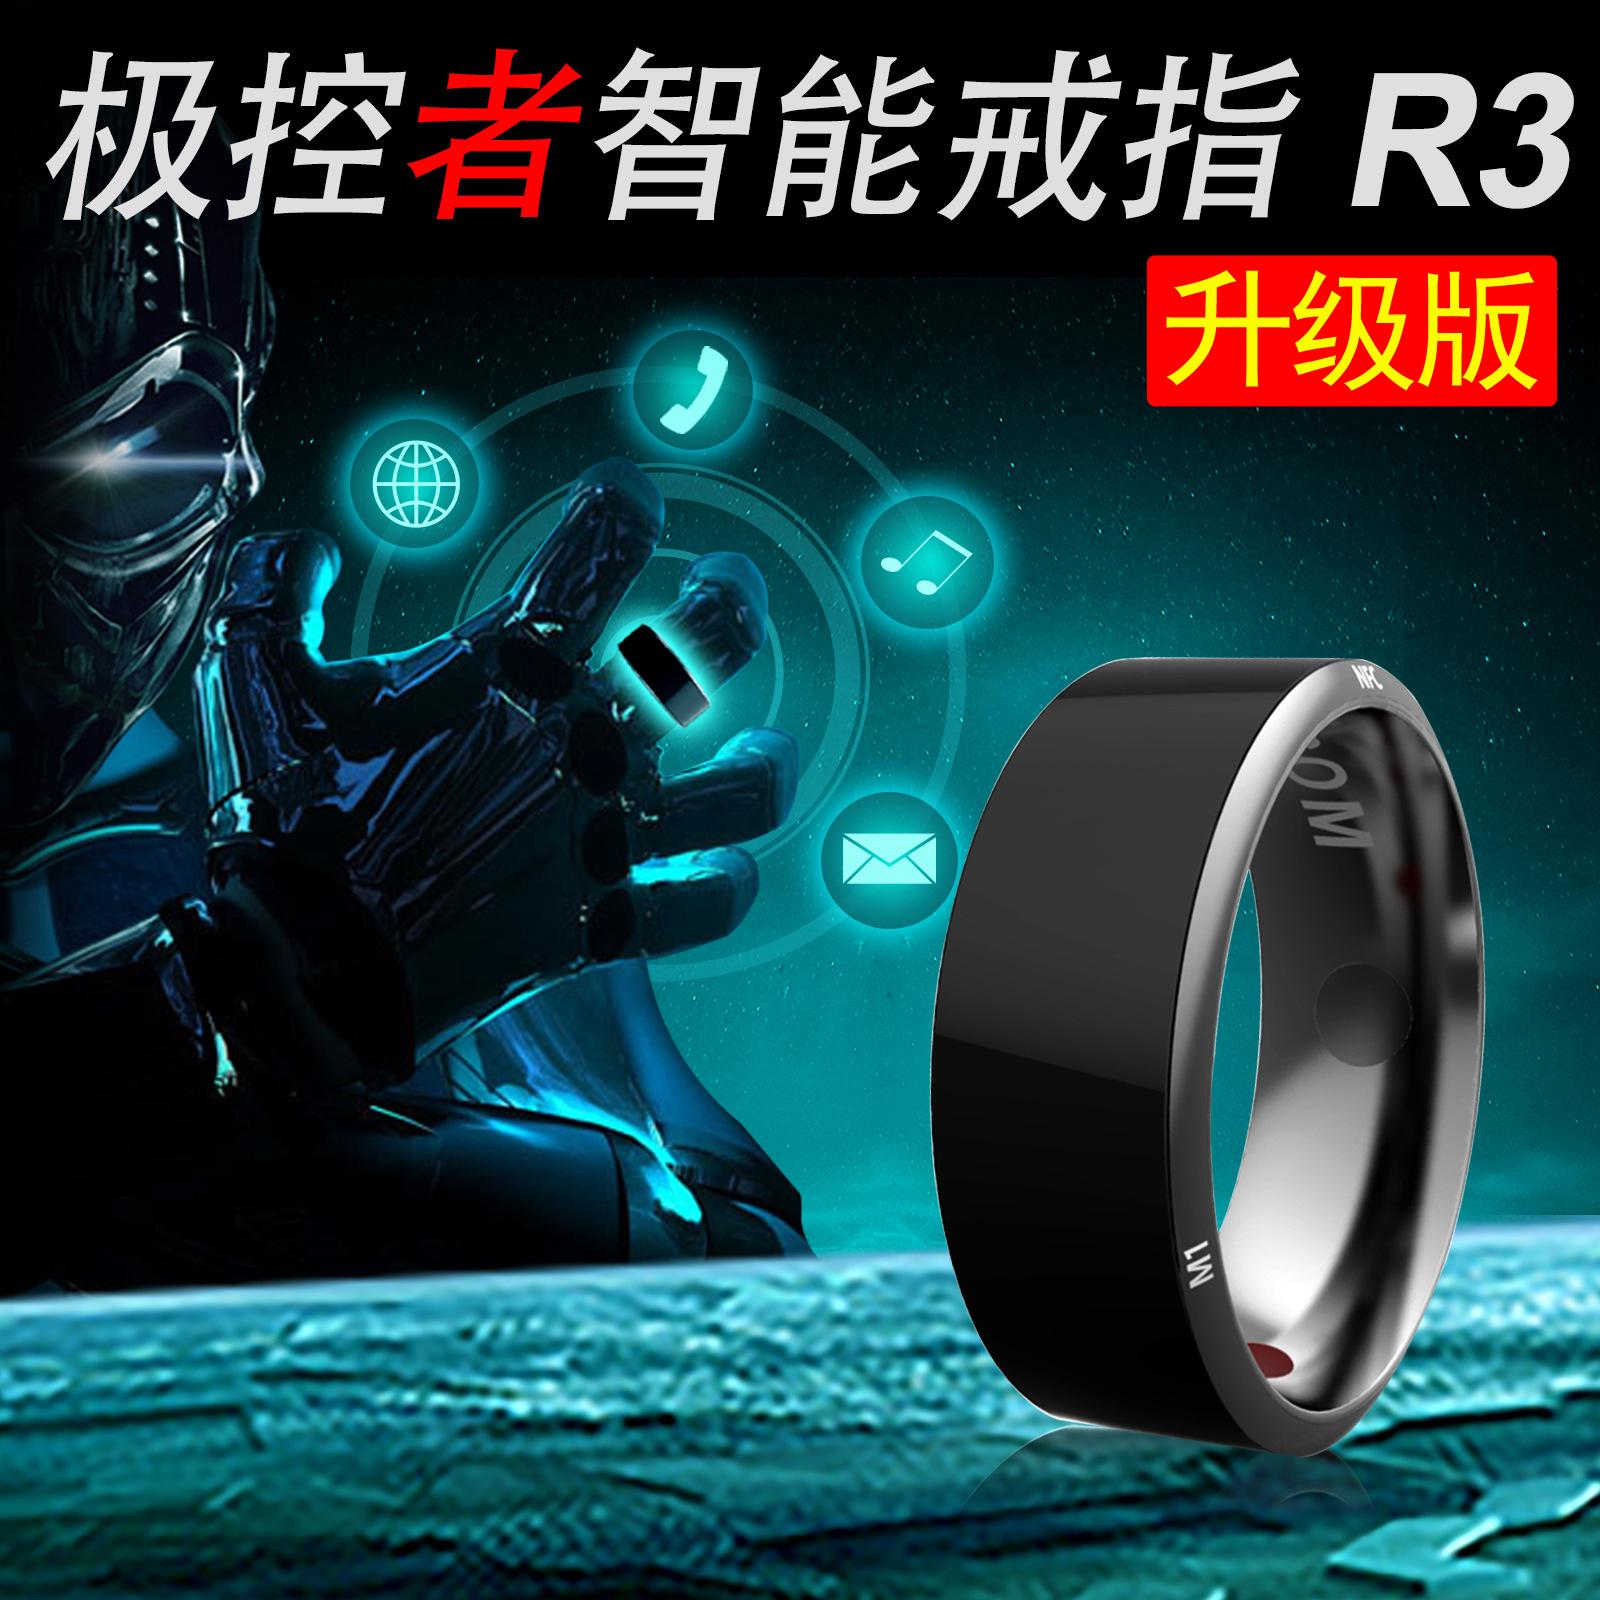 极控者R3魔戒三代多功能智能穿戴黑高科技戒指nfc指环王设备配饰